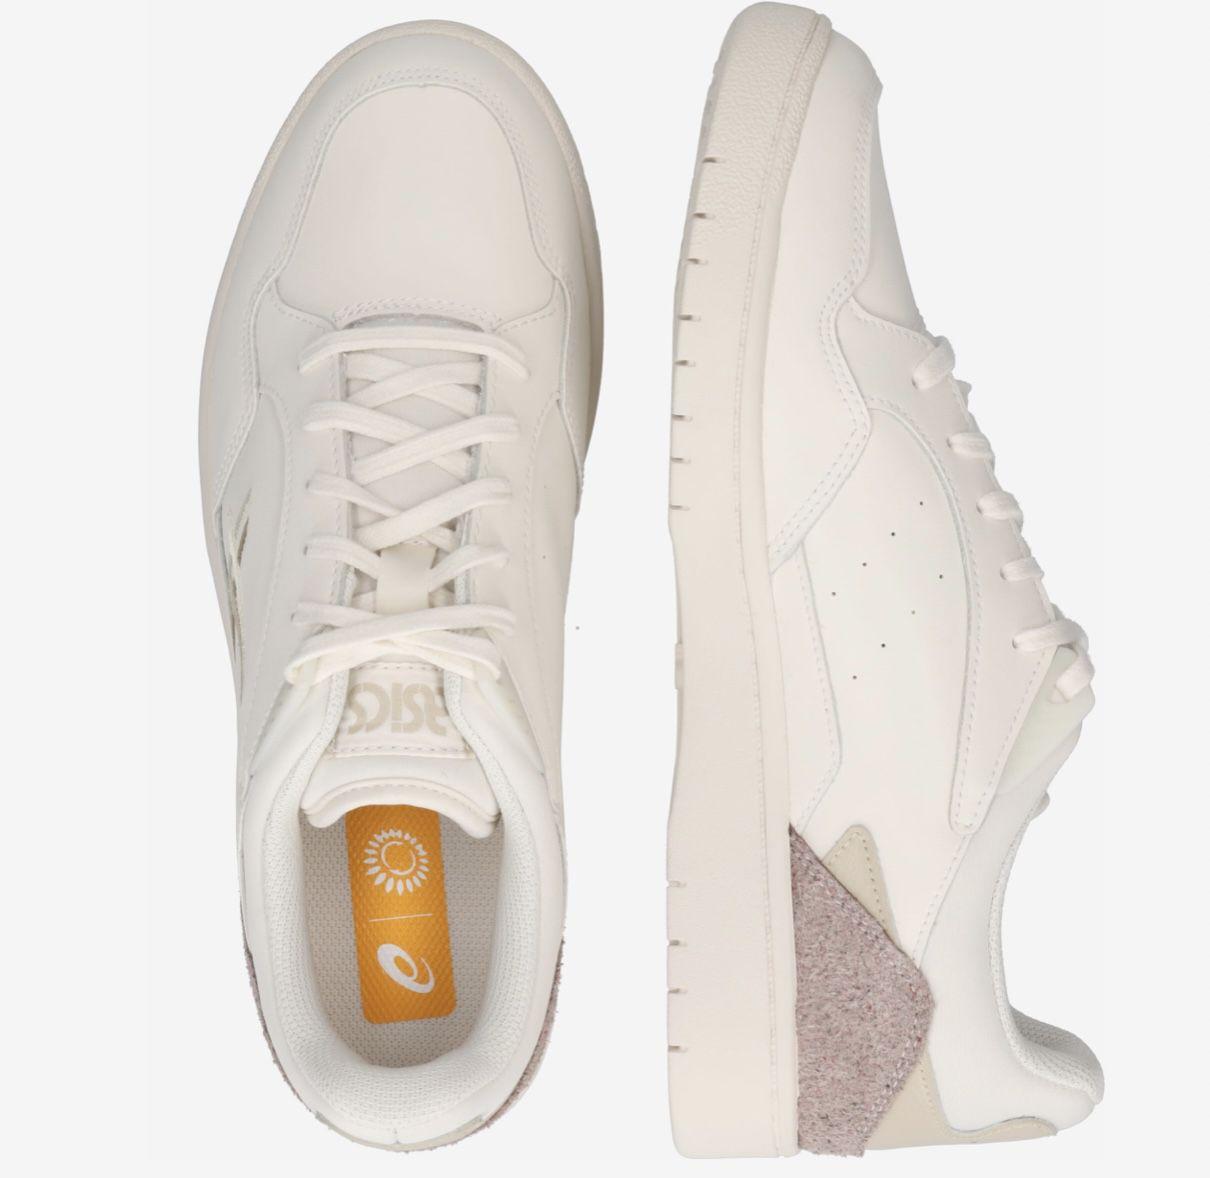 Asics SportStyle Skycourt Herren Sneaker in Beige für 25,96€ (statt 46€)